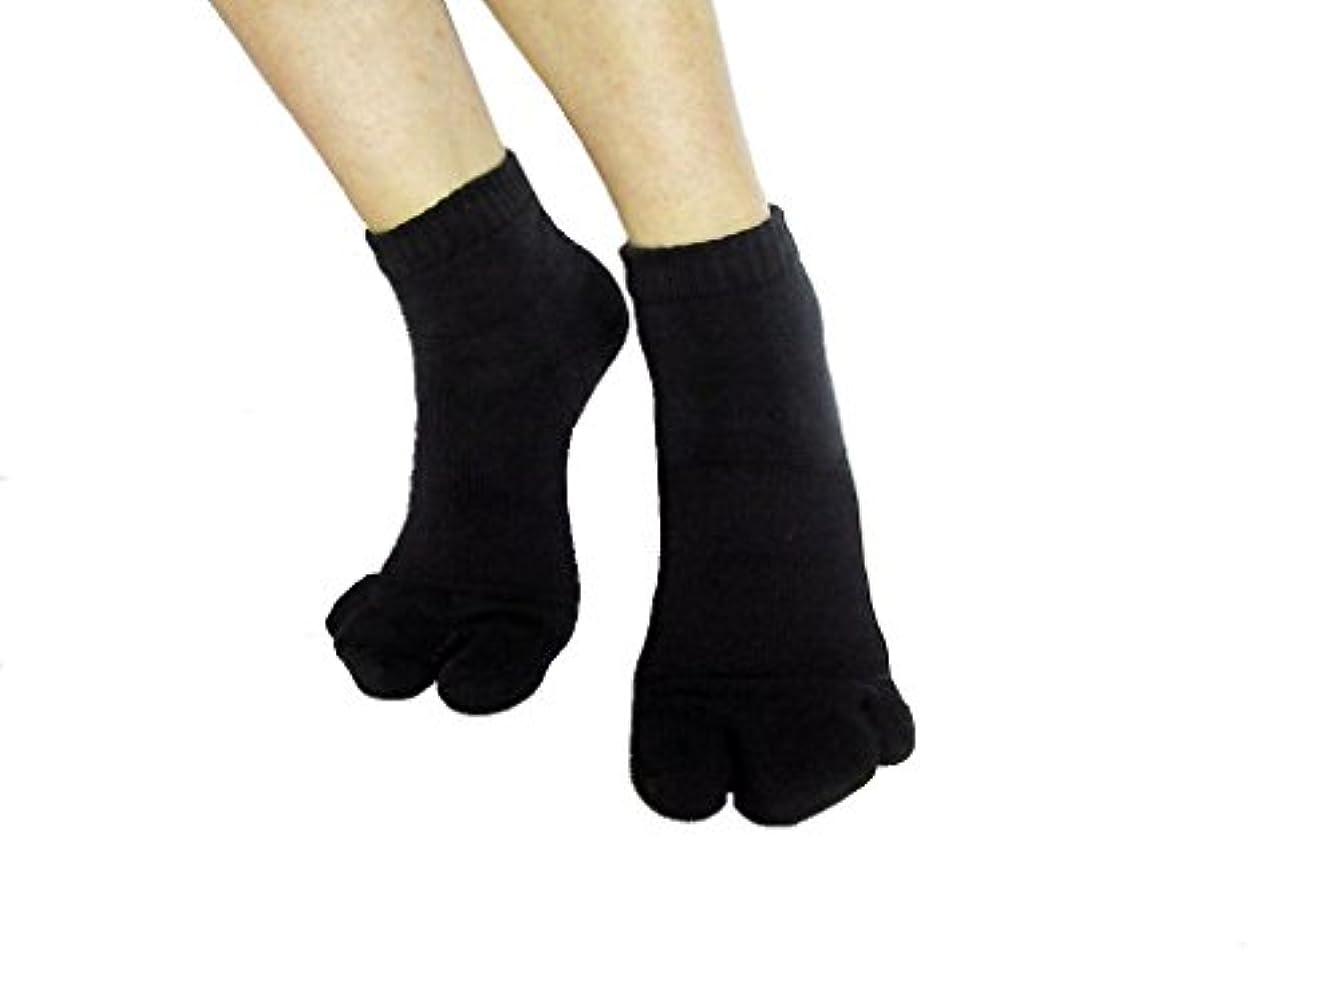 単語筋肉の委託カサハラ式サポーター ホソックス3本指 テーピング靴下 ブラック M23.5-23.5cm